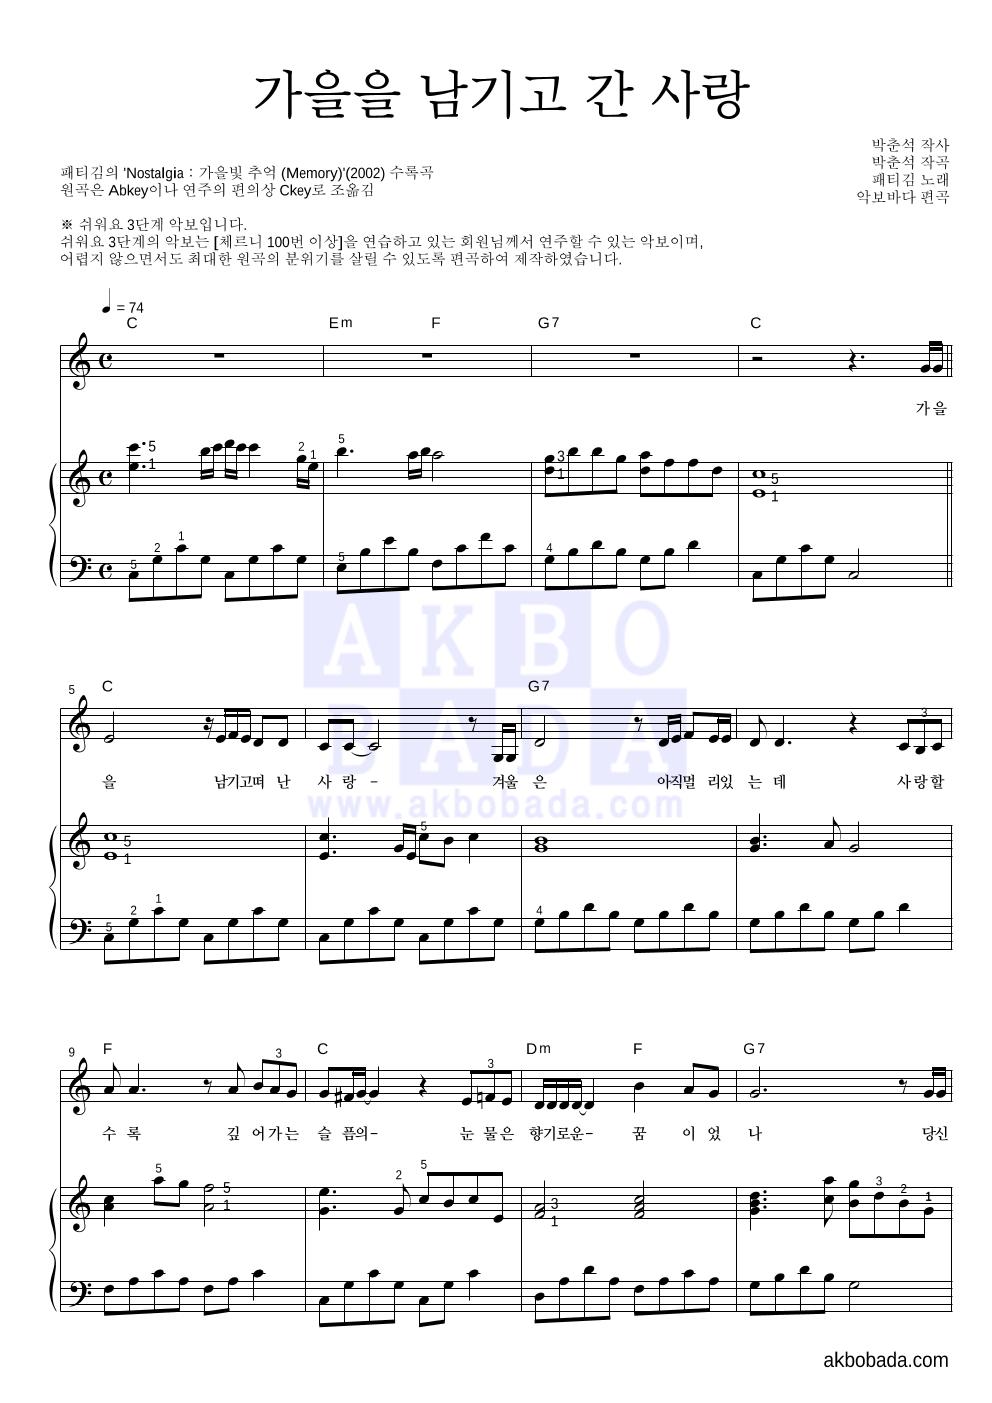 패티김 - 가을을 남기고 간 사랑 피아노3단-쉬워요 악보